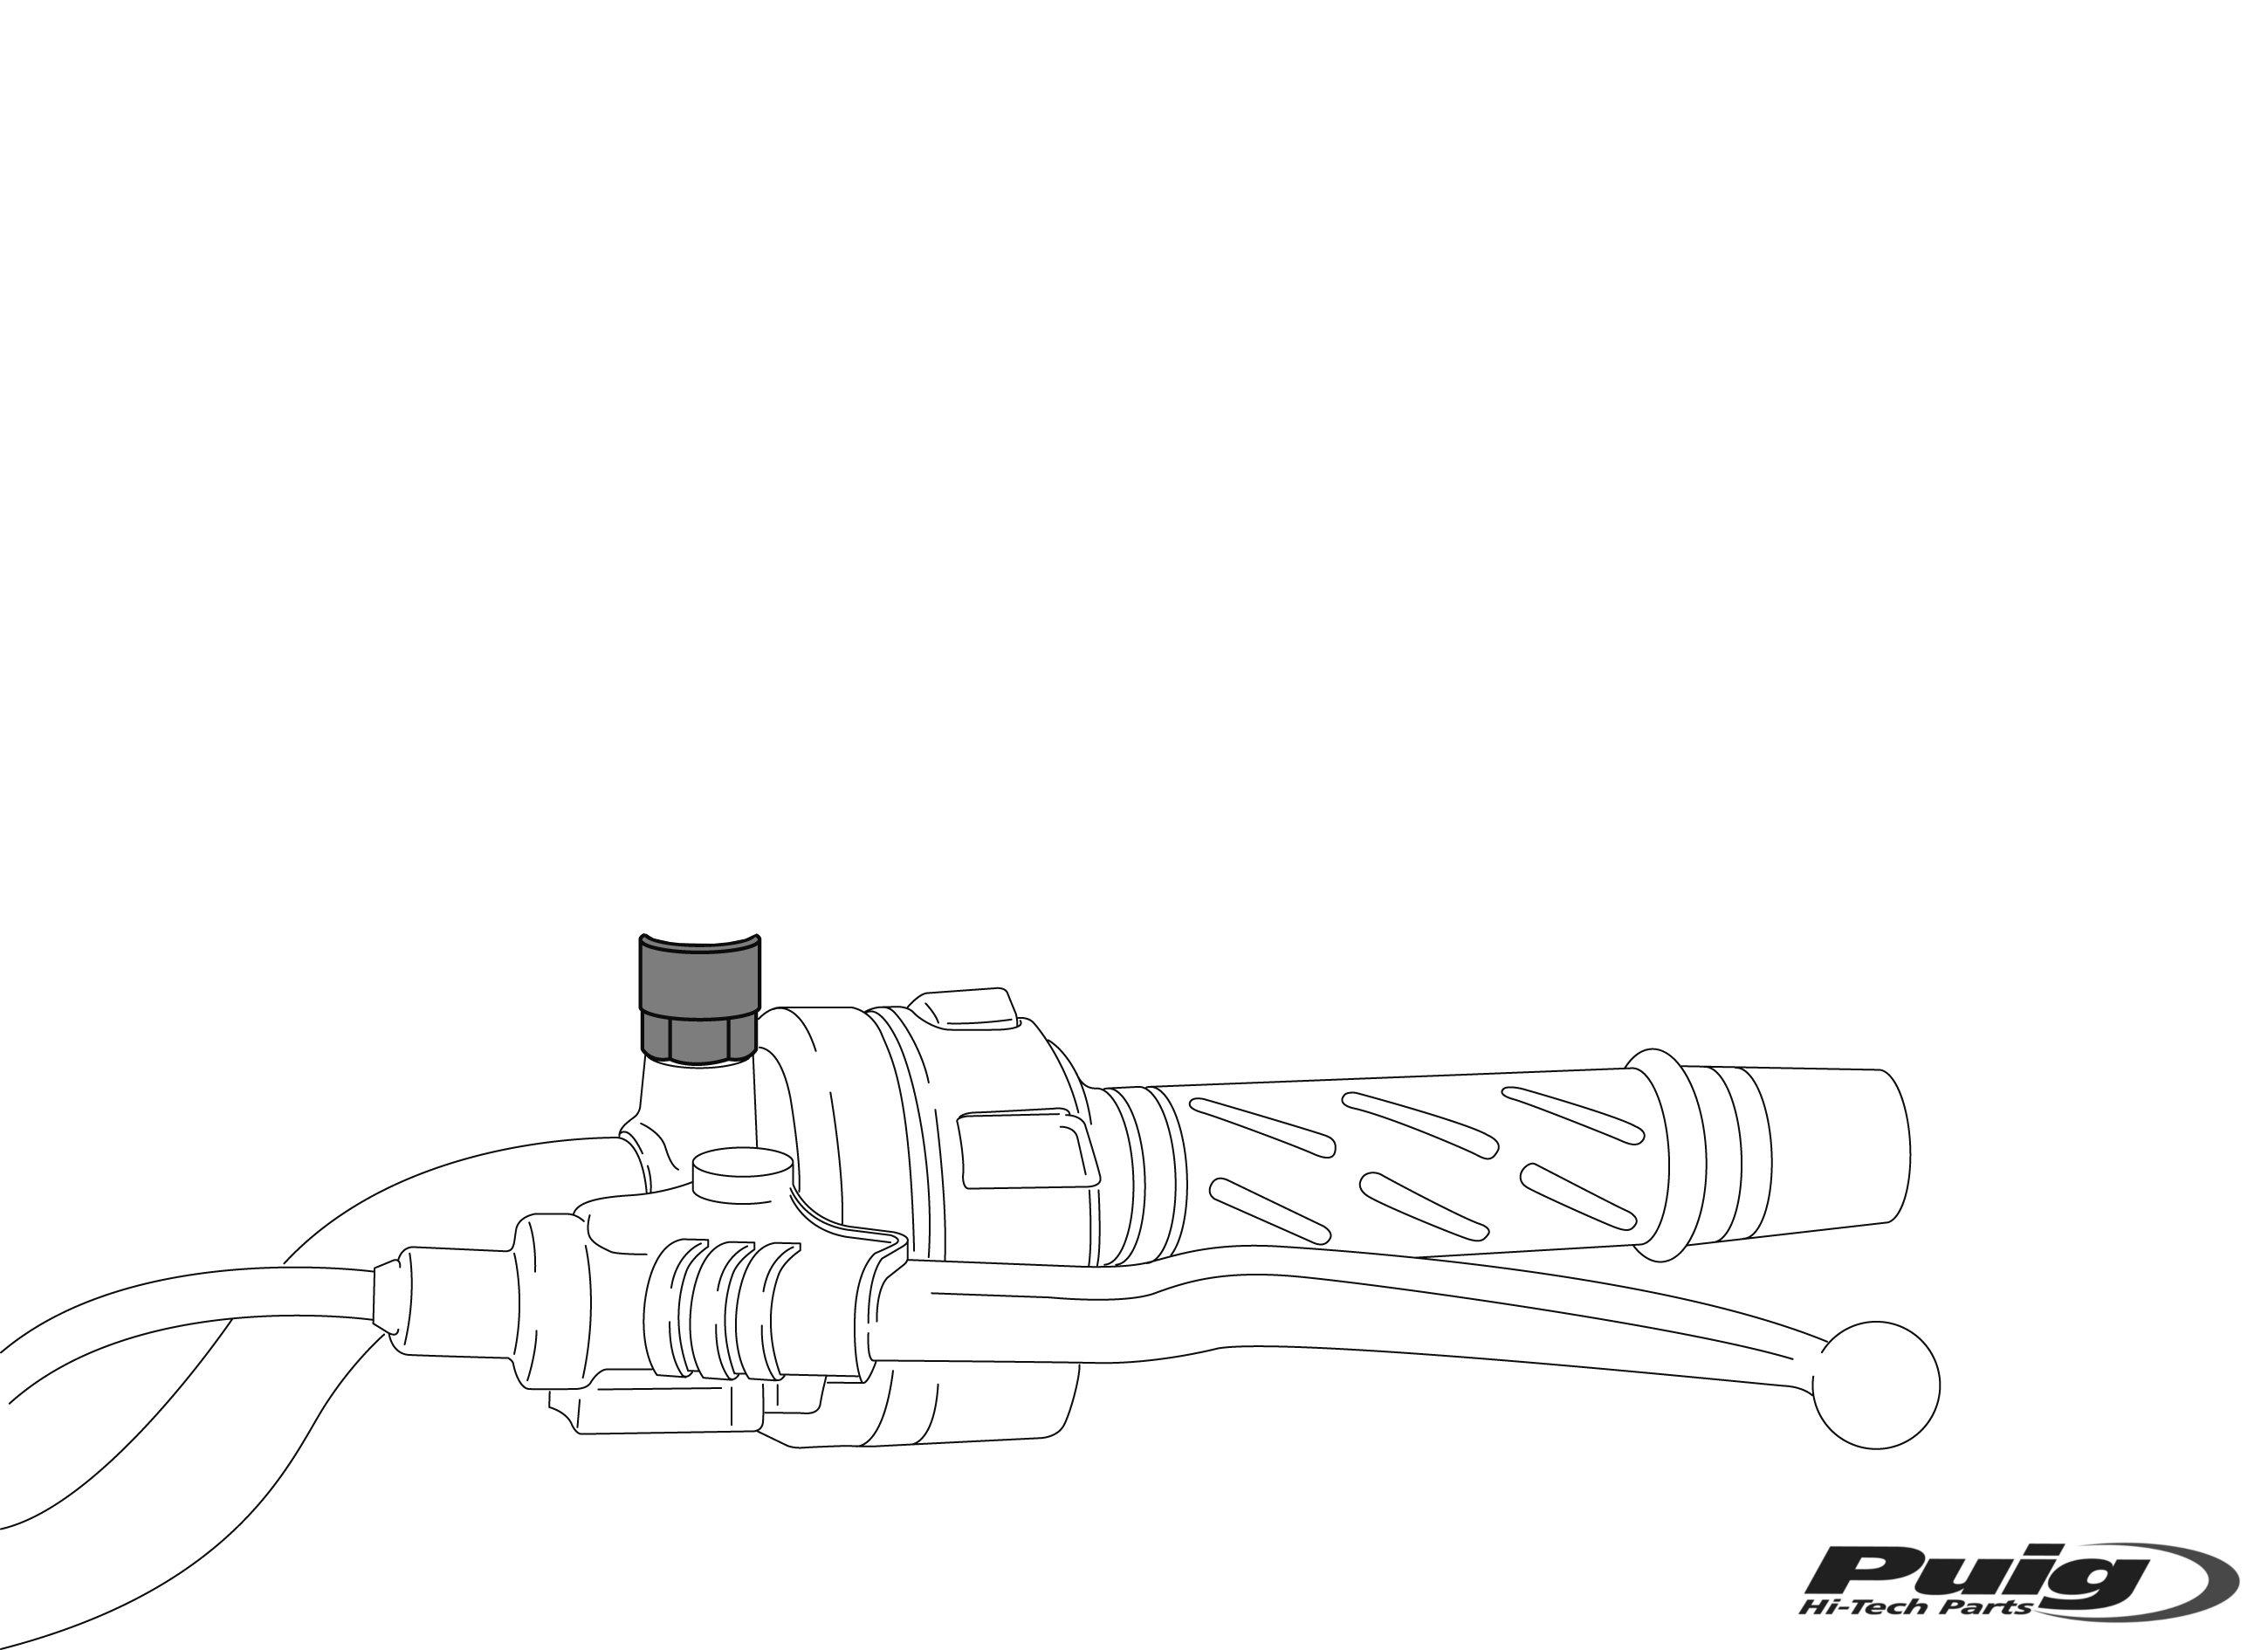 Adaptador para retrovisores Puig 9983N lado derecho para BMW (Mirar modelos compatibles)